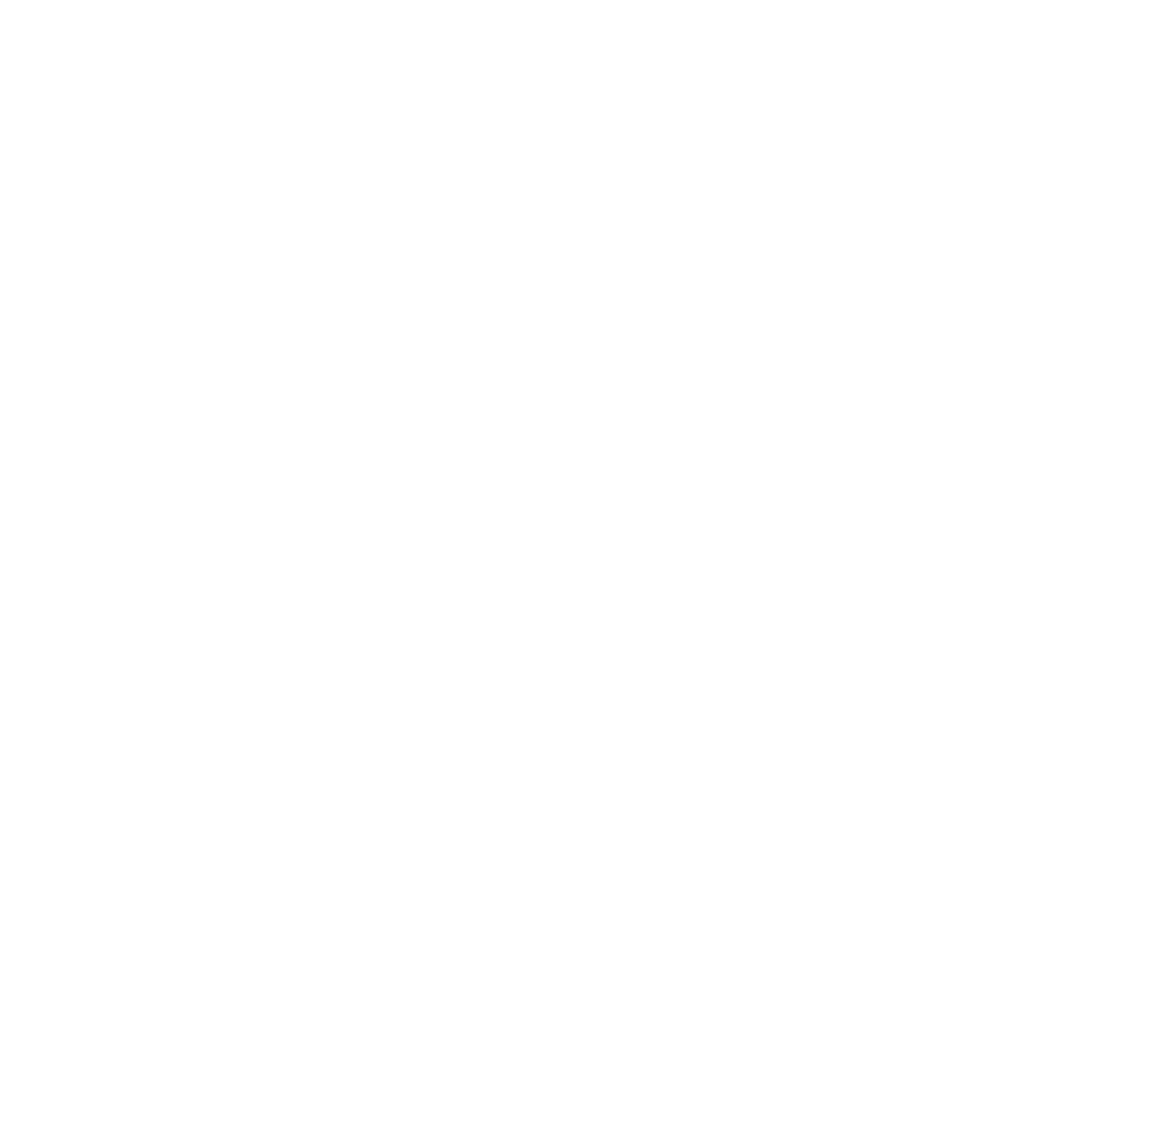 宀 Gallery